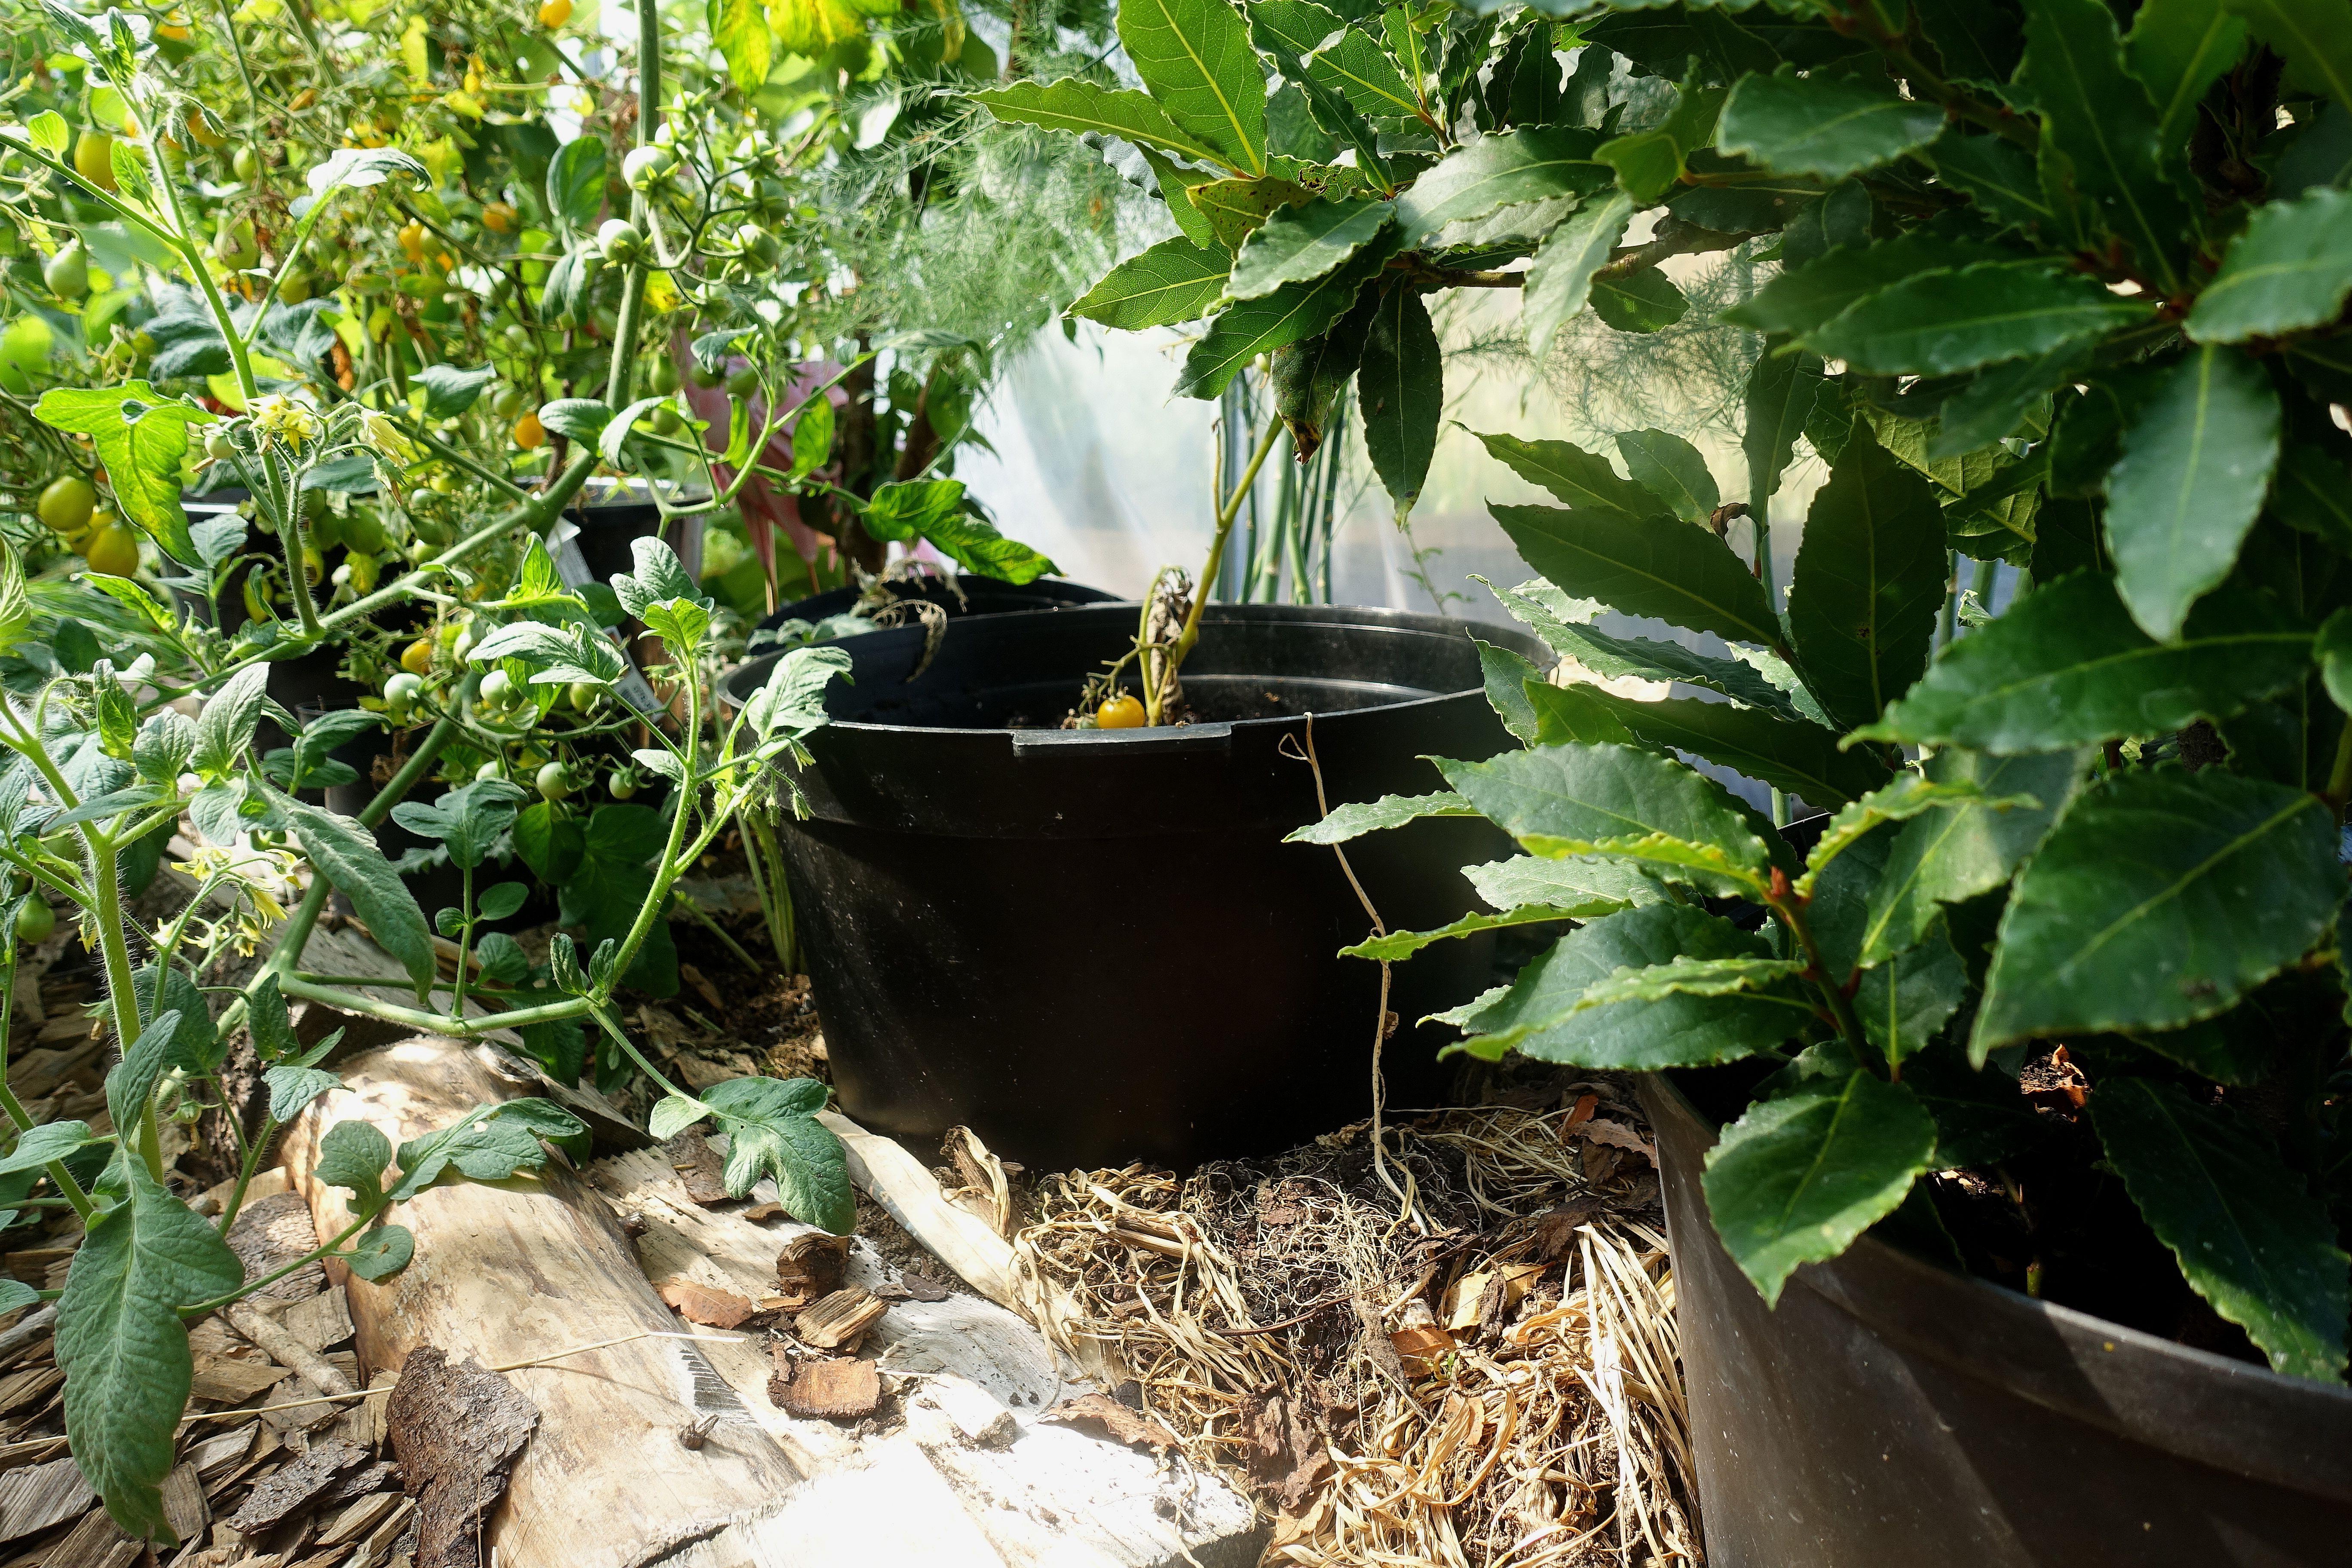 Bild på marken under fruktträd, det står svarta krukor nerborrade i täckmaterialet. Mulching my polytunnels, black pots in the mulch.